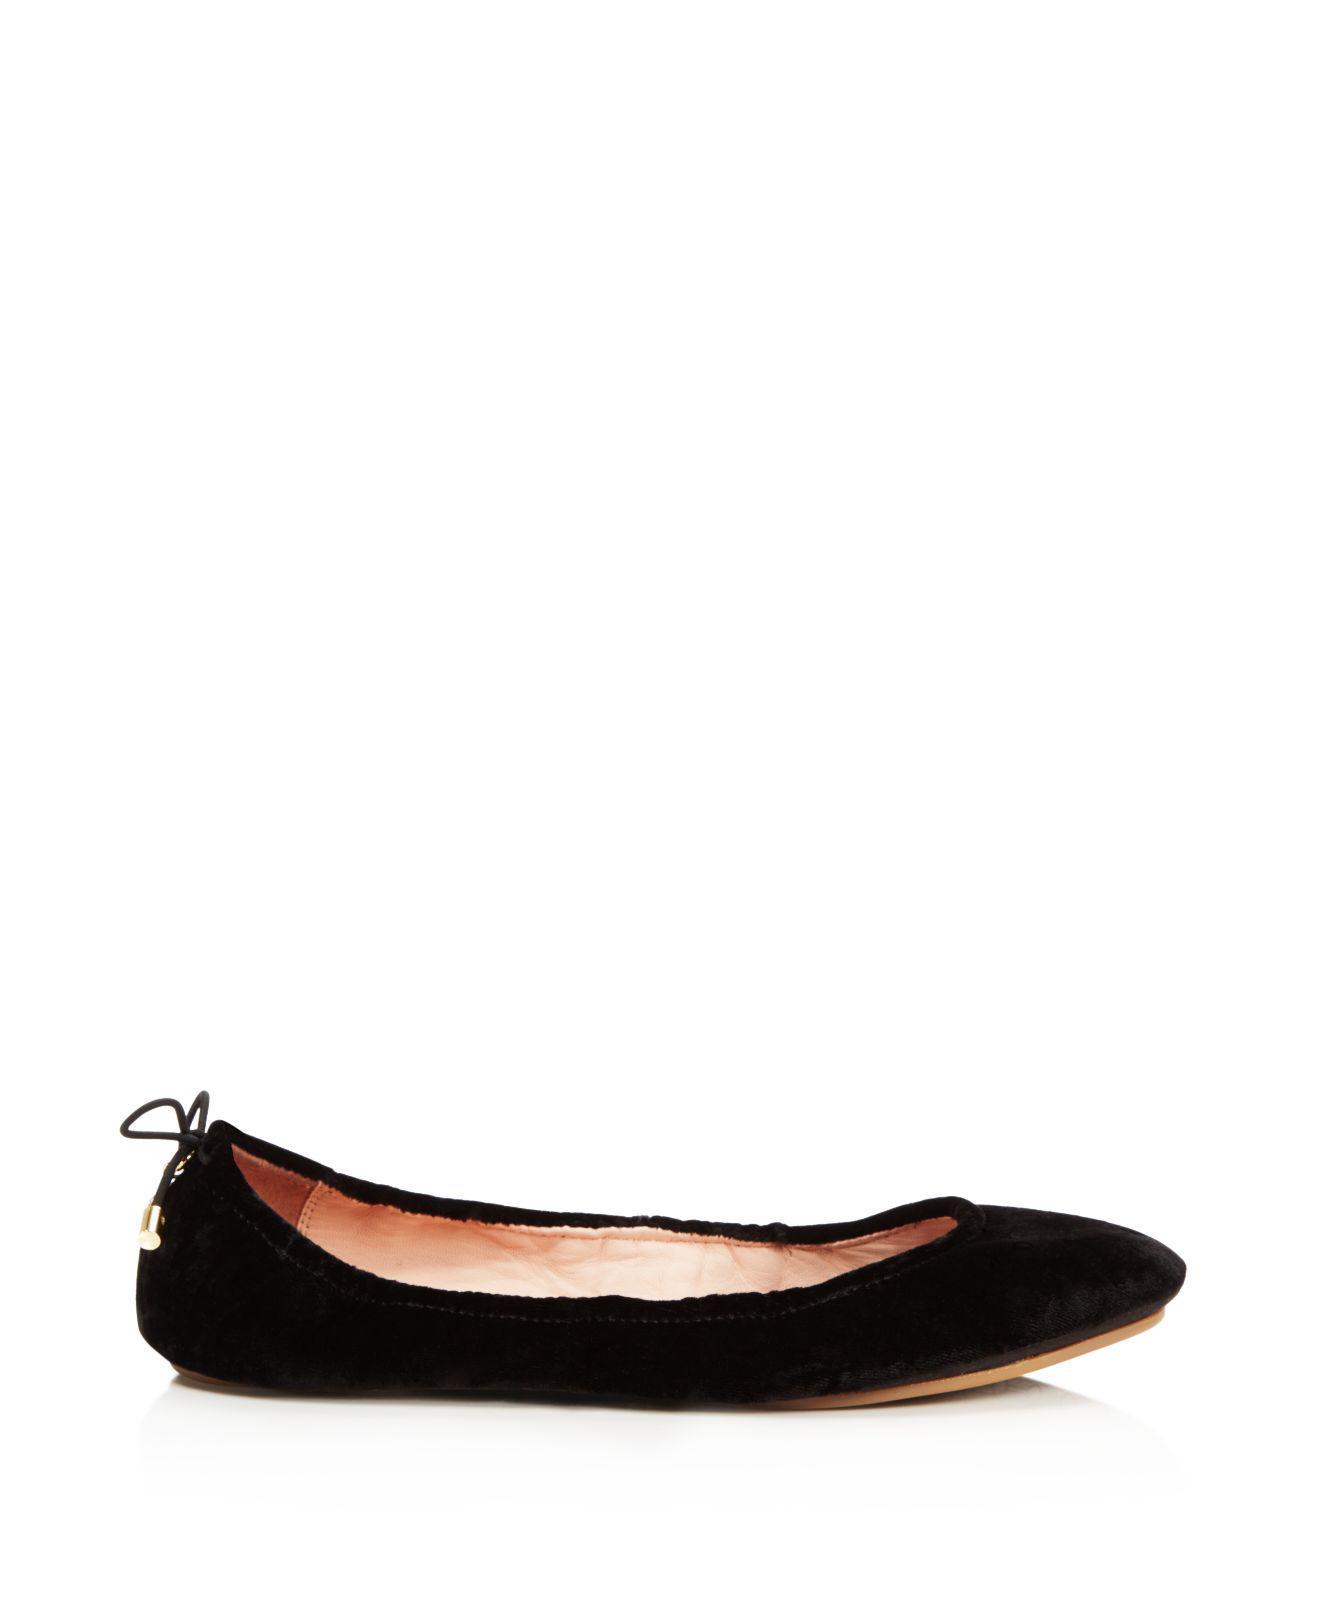 d3a2879d8475 Lyst - Kate Spade Women s Globe Velvet Travel Ballet Flats in Black